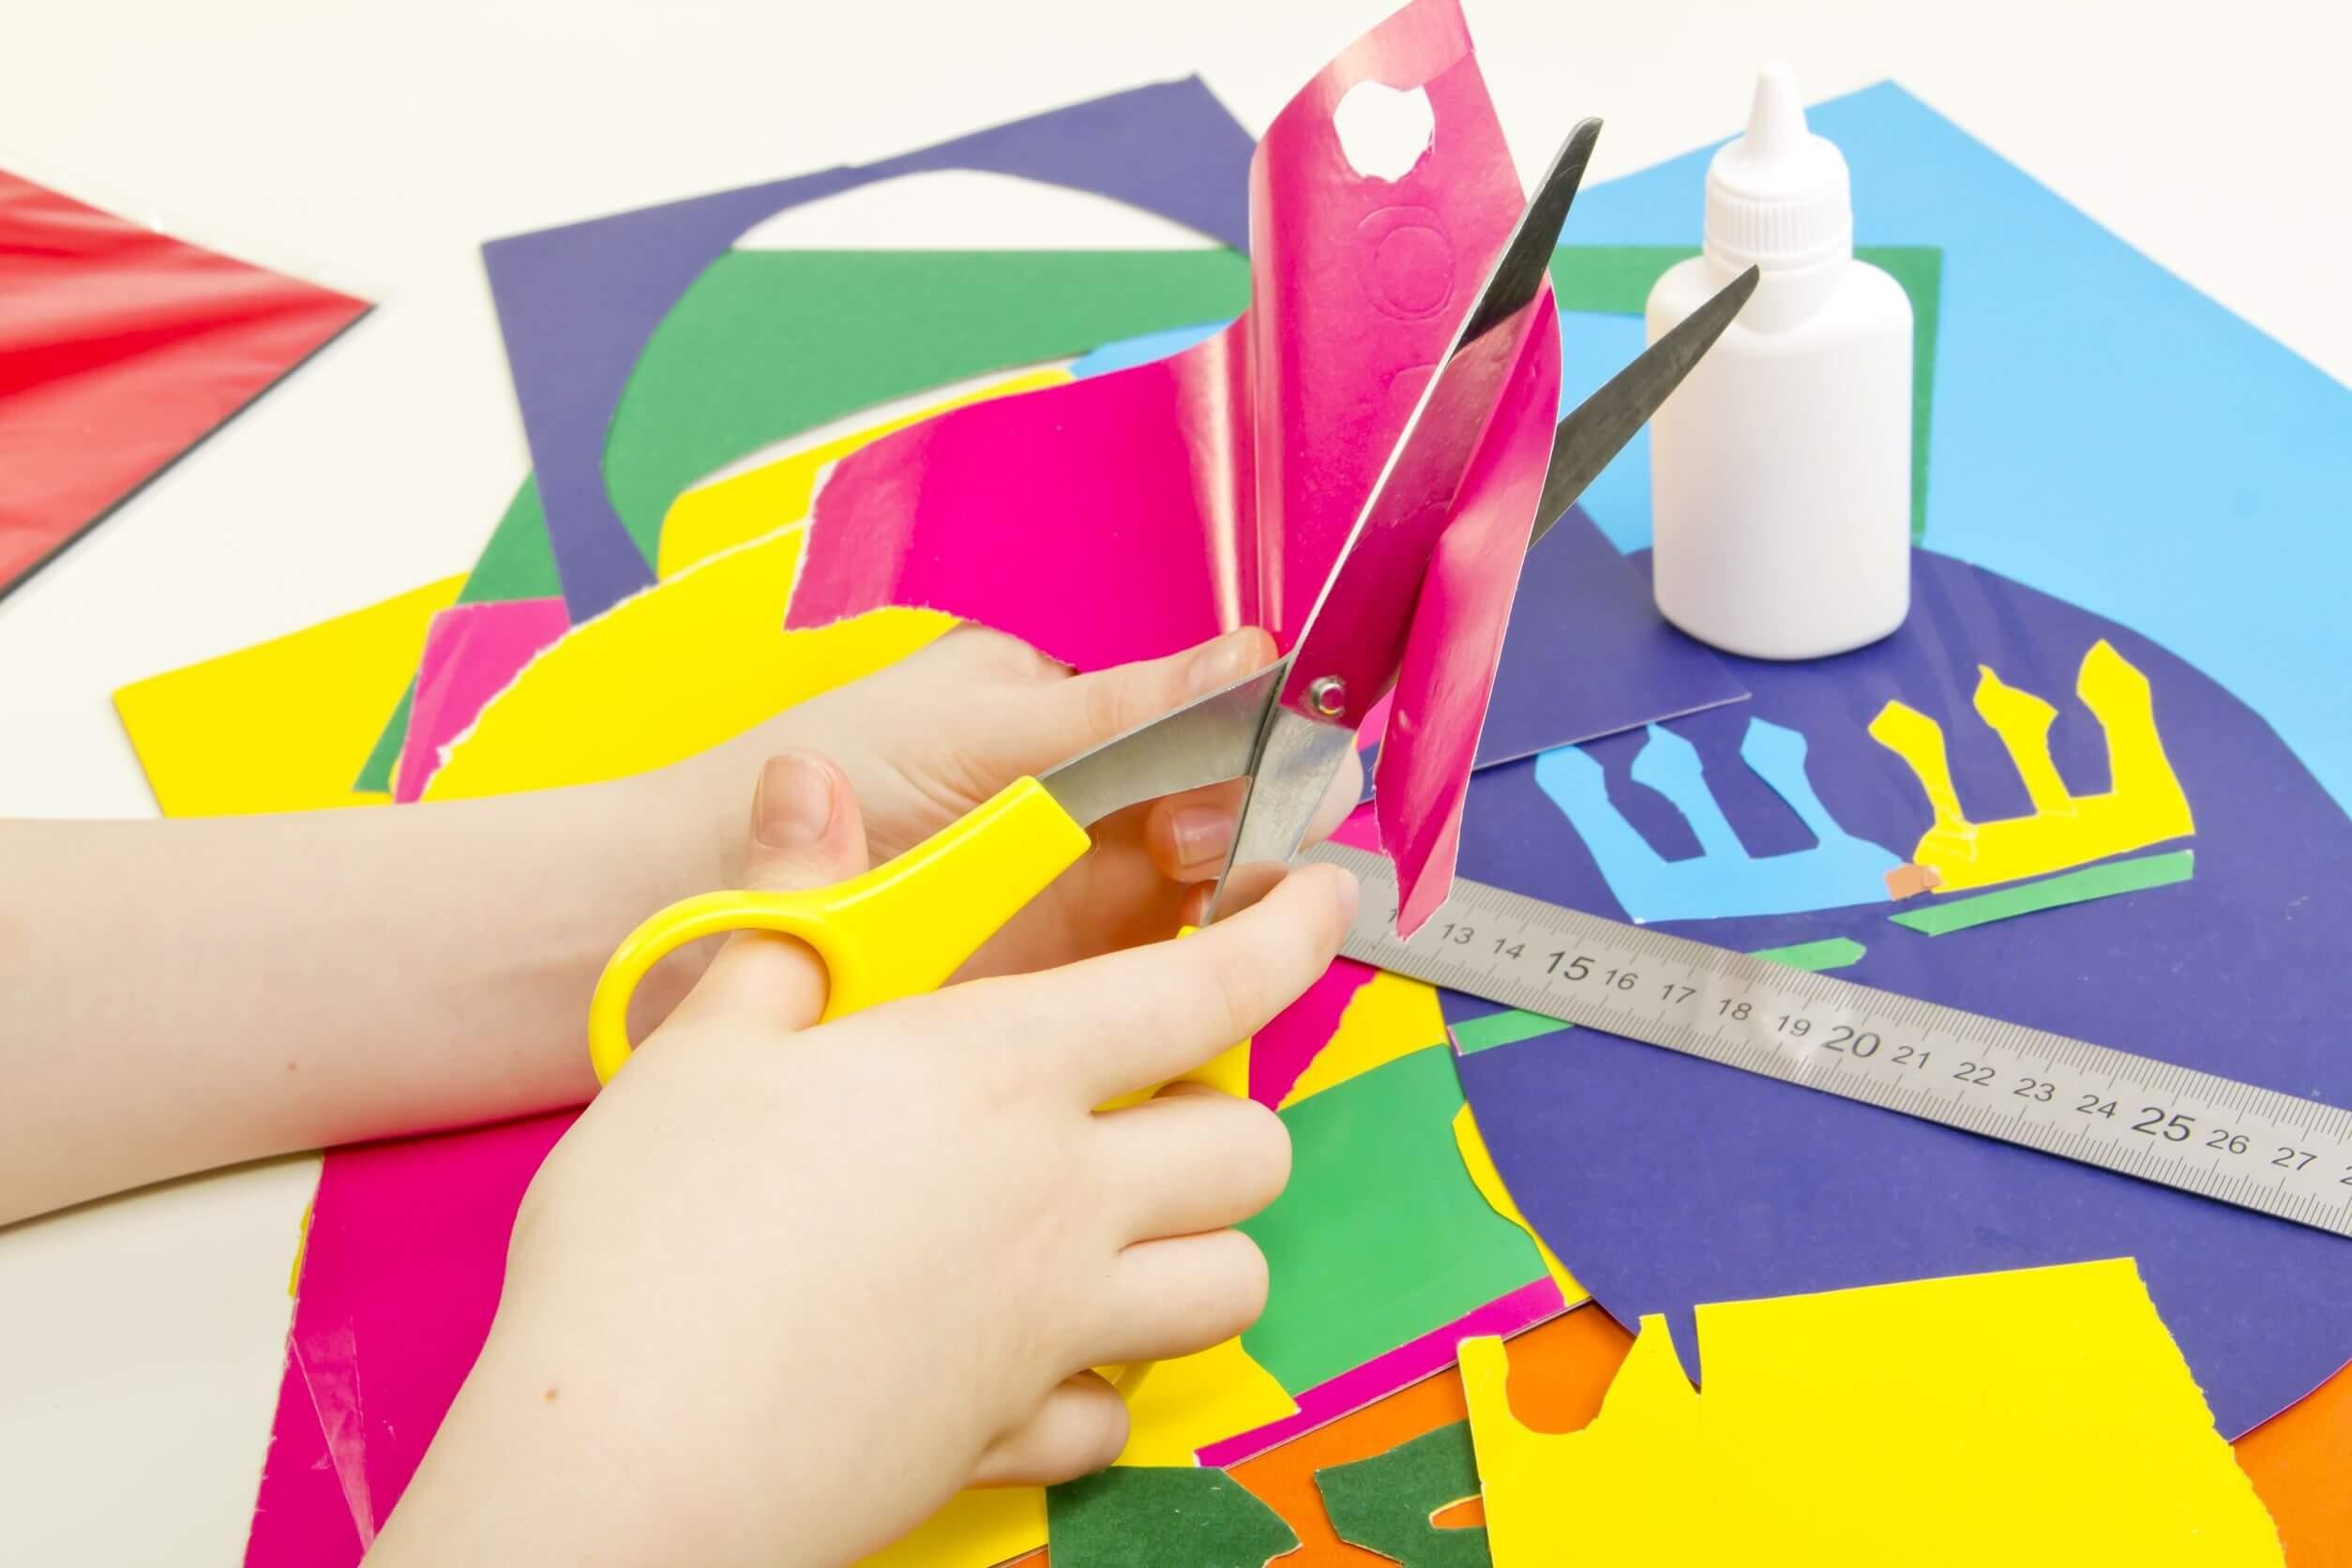 Eine Kinderhand, die mit einer Schere Formen aus buntem Papier ausschneidet